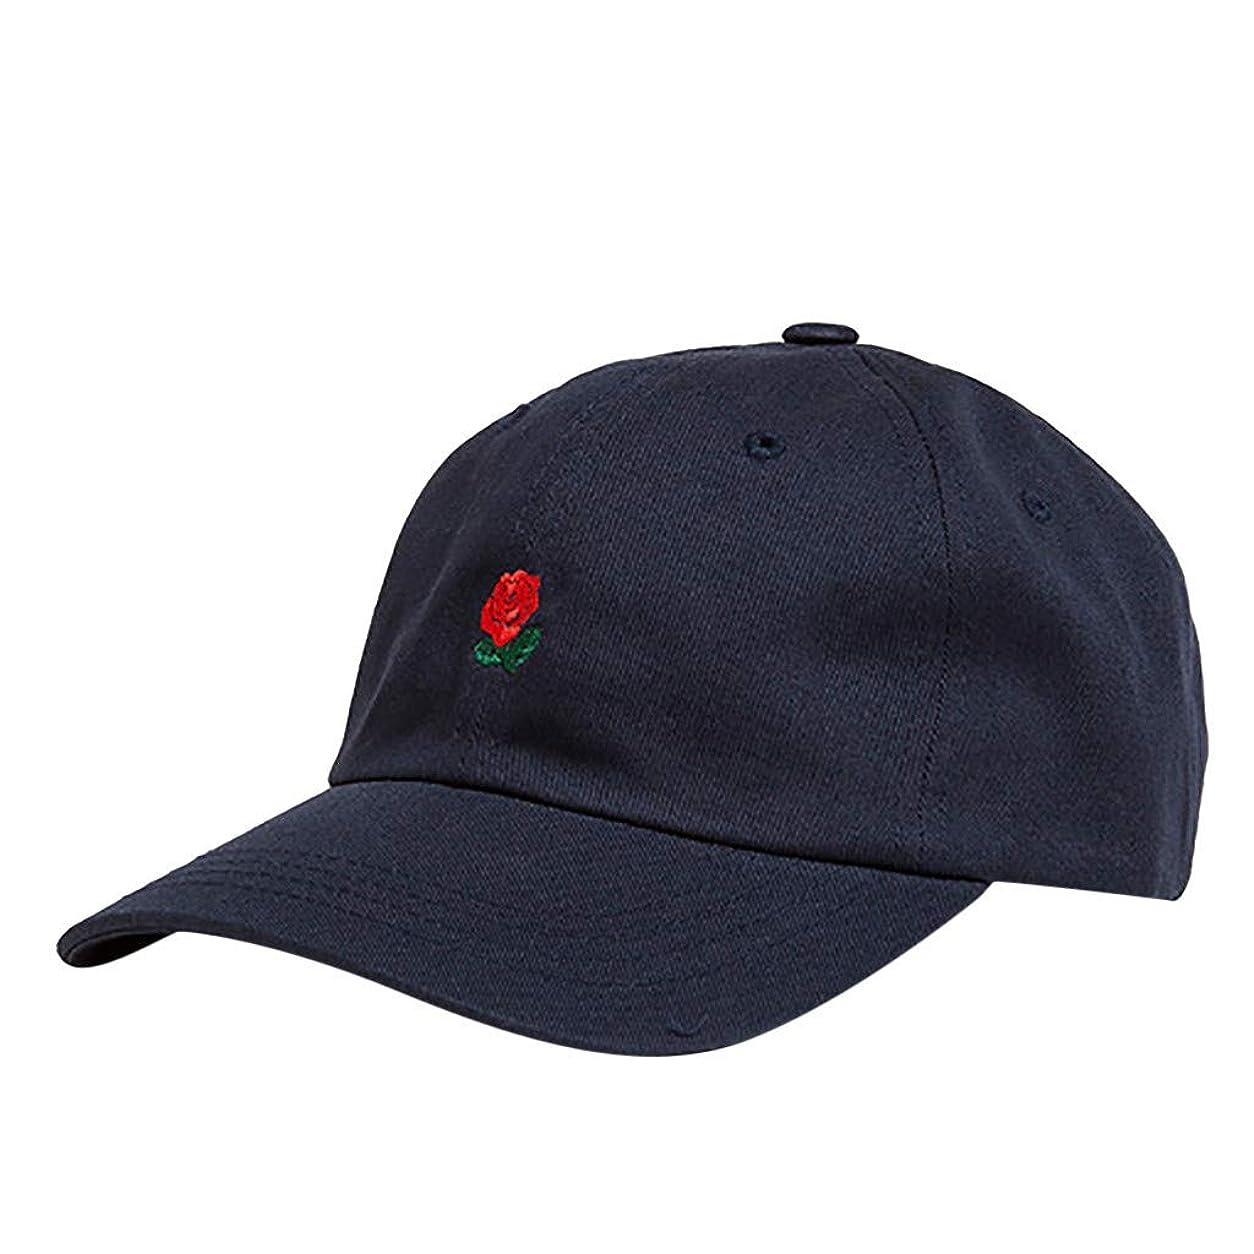 ブローサポート広くキャップ メンズ 大きいサイズ Masinalt 太陽の帽子 バラ 刺繍 帽子 日焼け止め 韓国語 バージョンレ ジャー バラHip Hop風 ハット キャップ 男女兼用 キャップ 野球帽